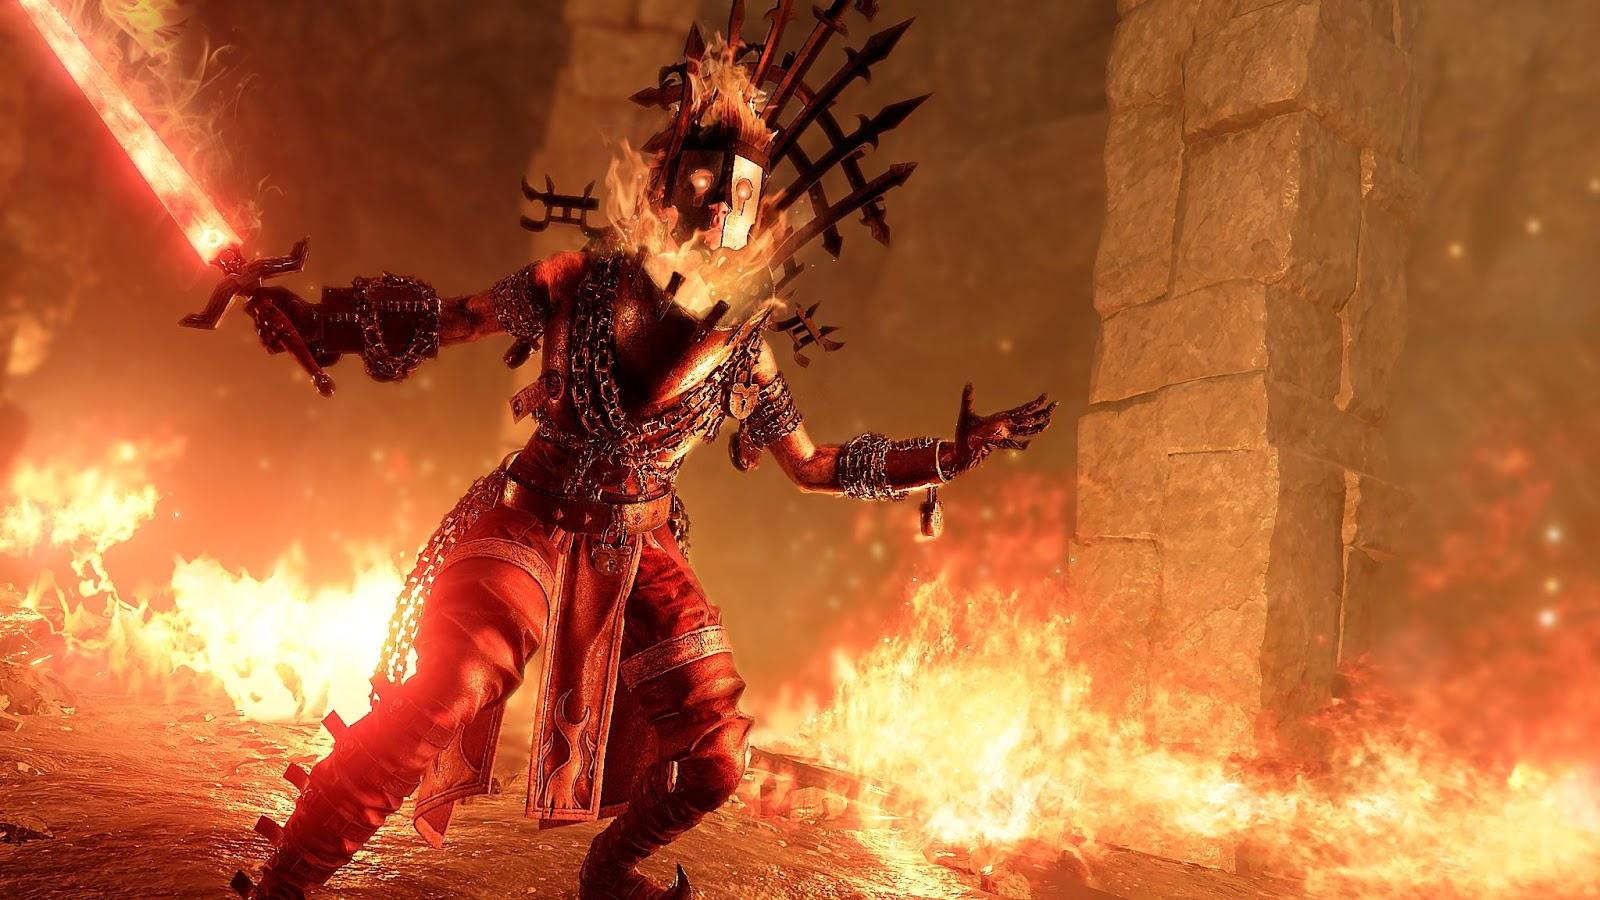 Warhammer Vermintide 2 Battle Wizard Class (Sienna Fuegonasus)